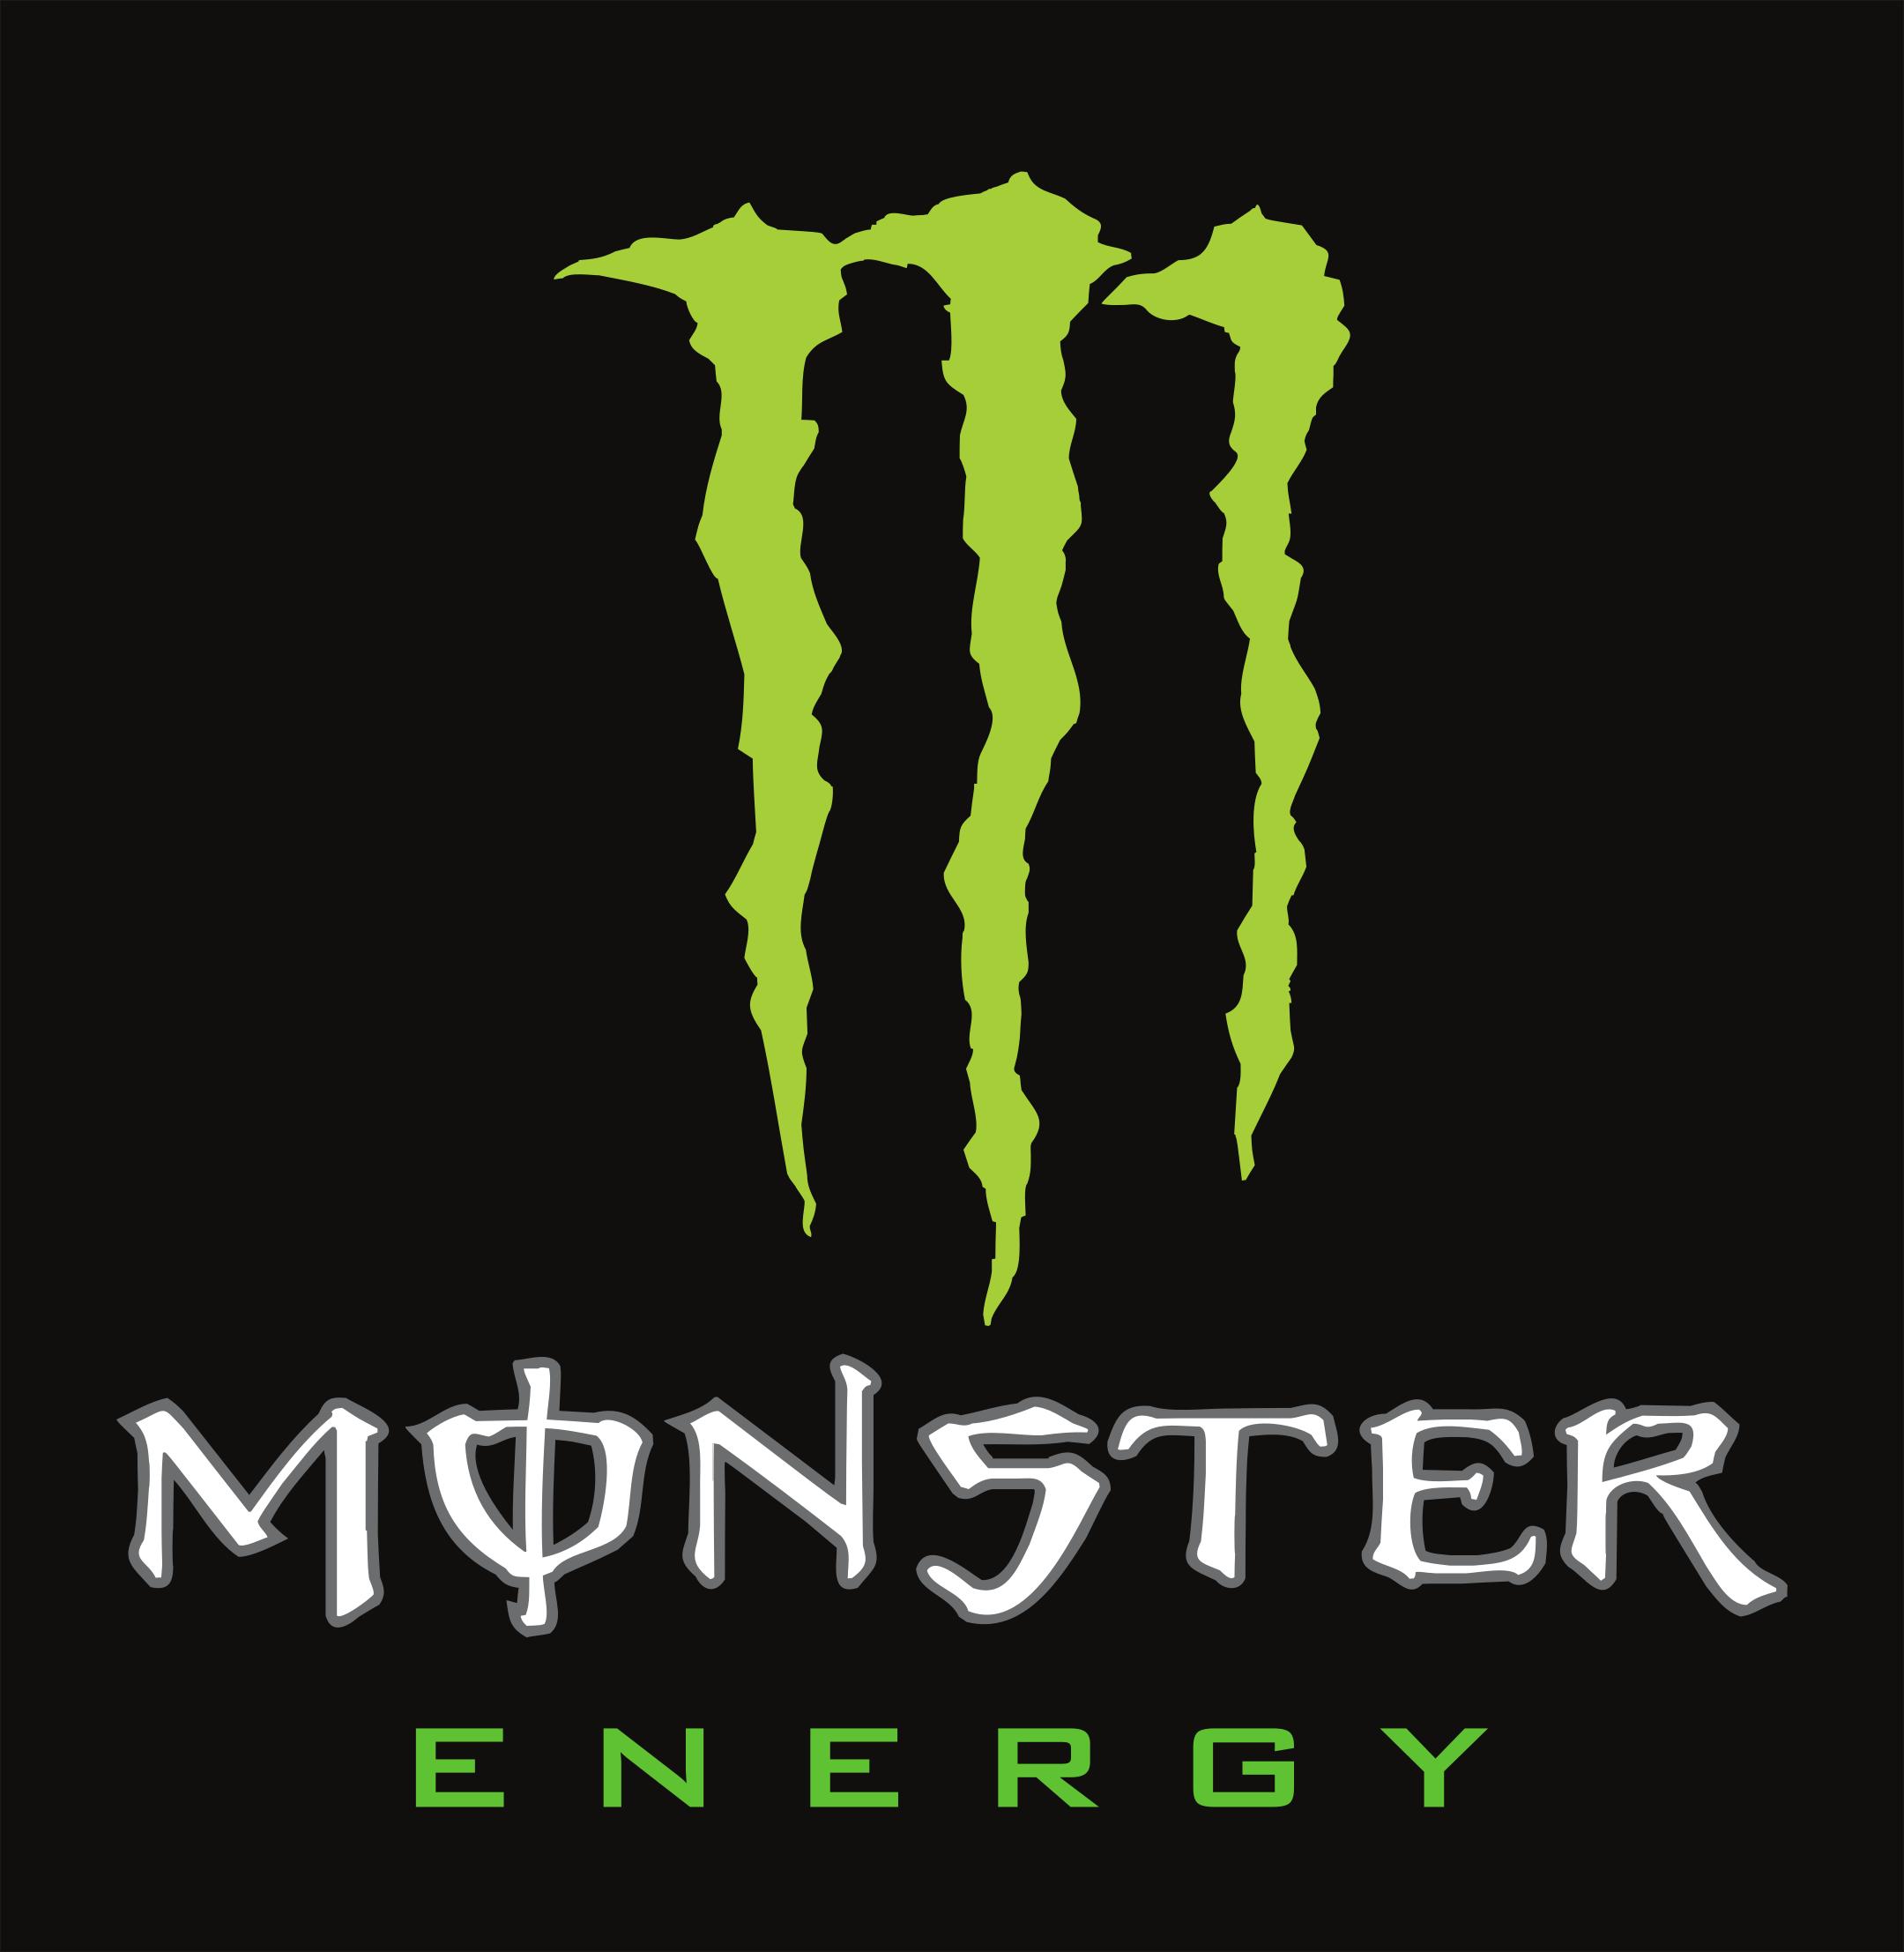 monster energy logo 2 - Monster Energy Logo